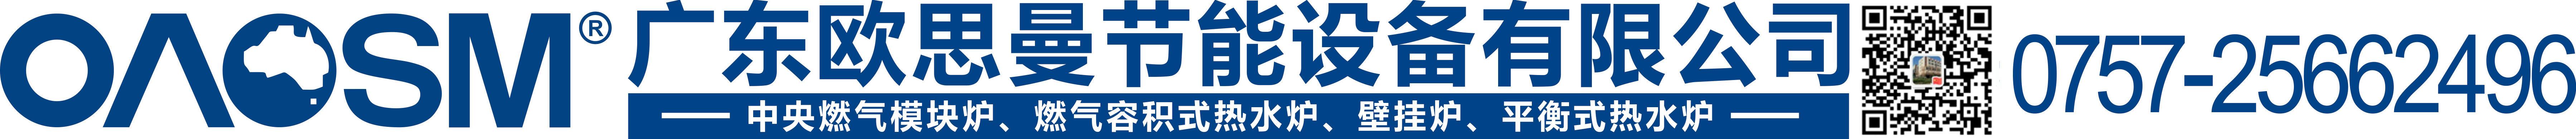 广东欧思曼节能设备有限公司